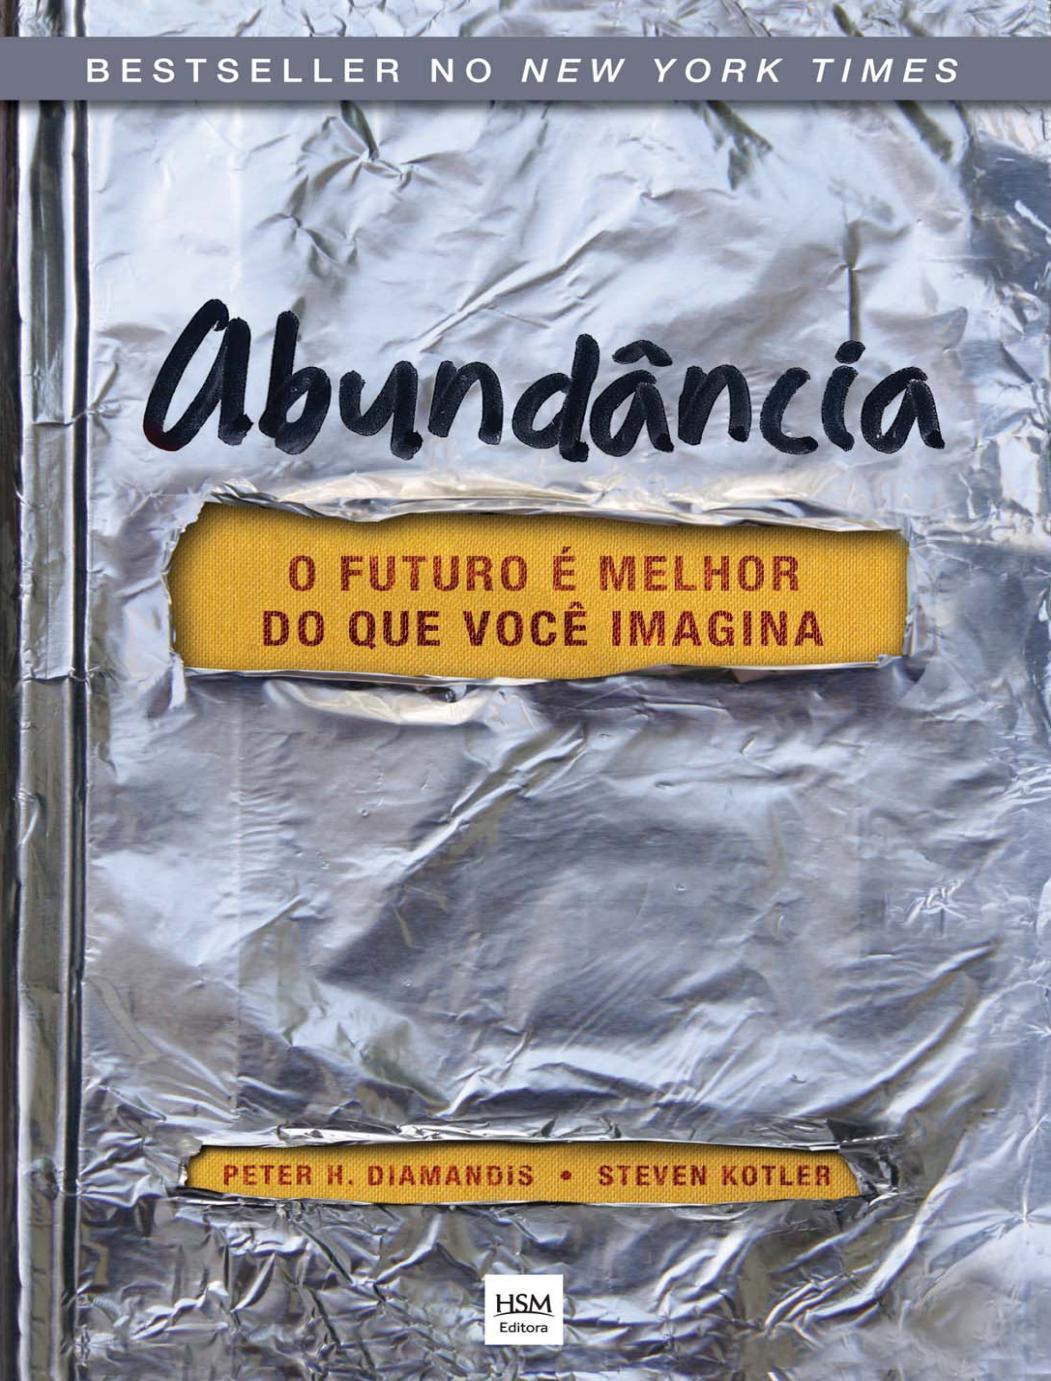 2d6504ccc55 Abundancia  O futuro e melhor - Peter H. Diamandis by Luan Benavenuto -  issuu